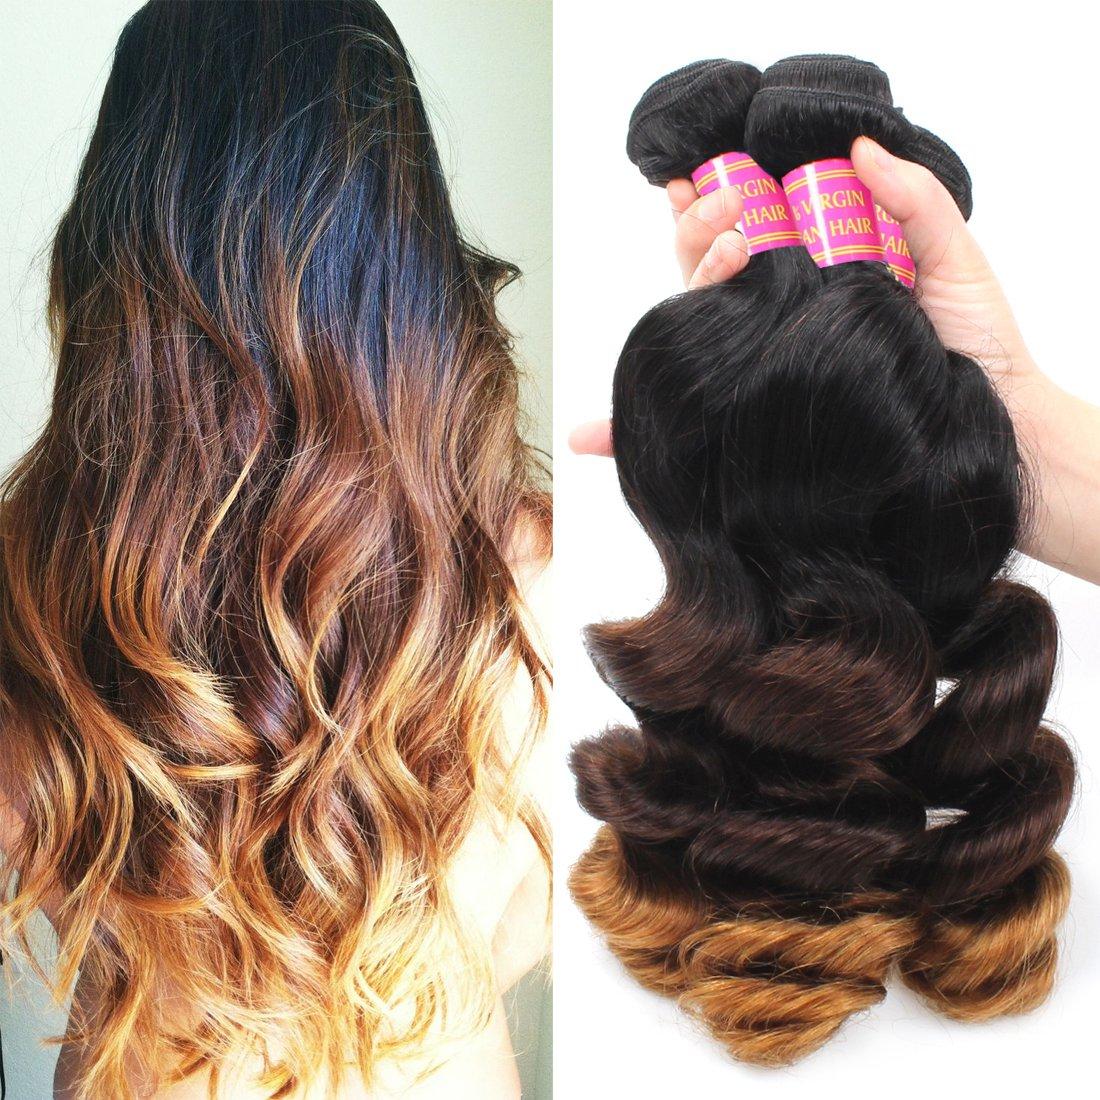 Allove Hair 8a Ombre Brazilian Loose Wave 3 Bundles14 16 18 Virgin